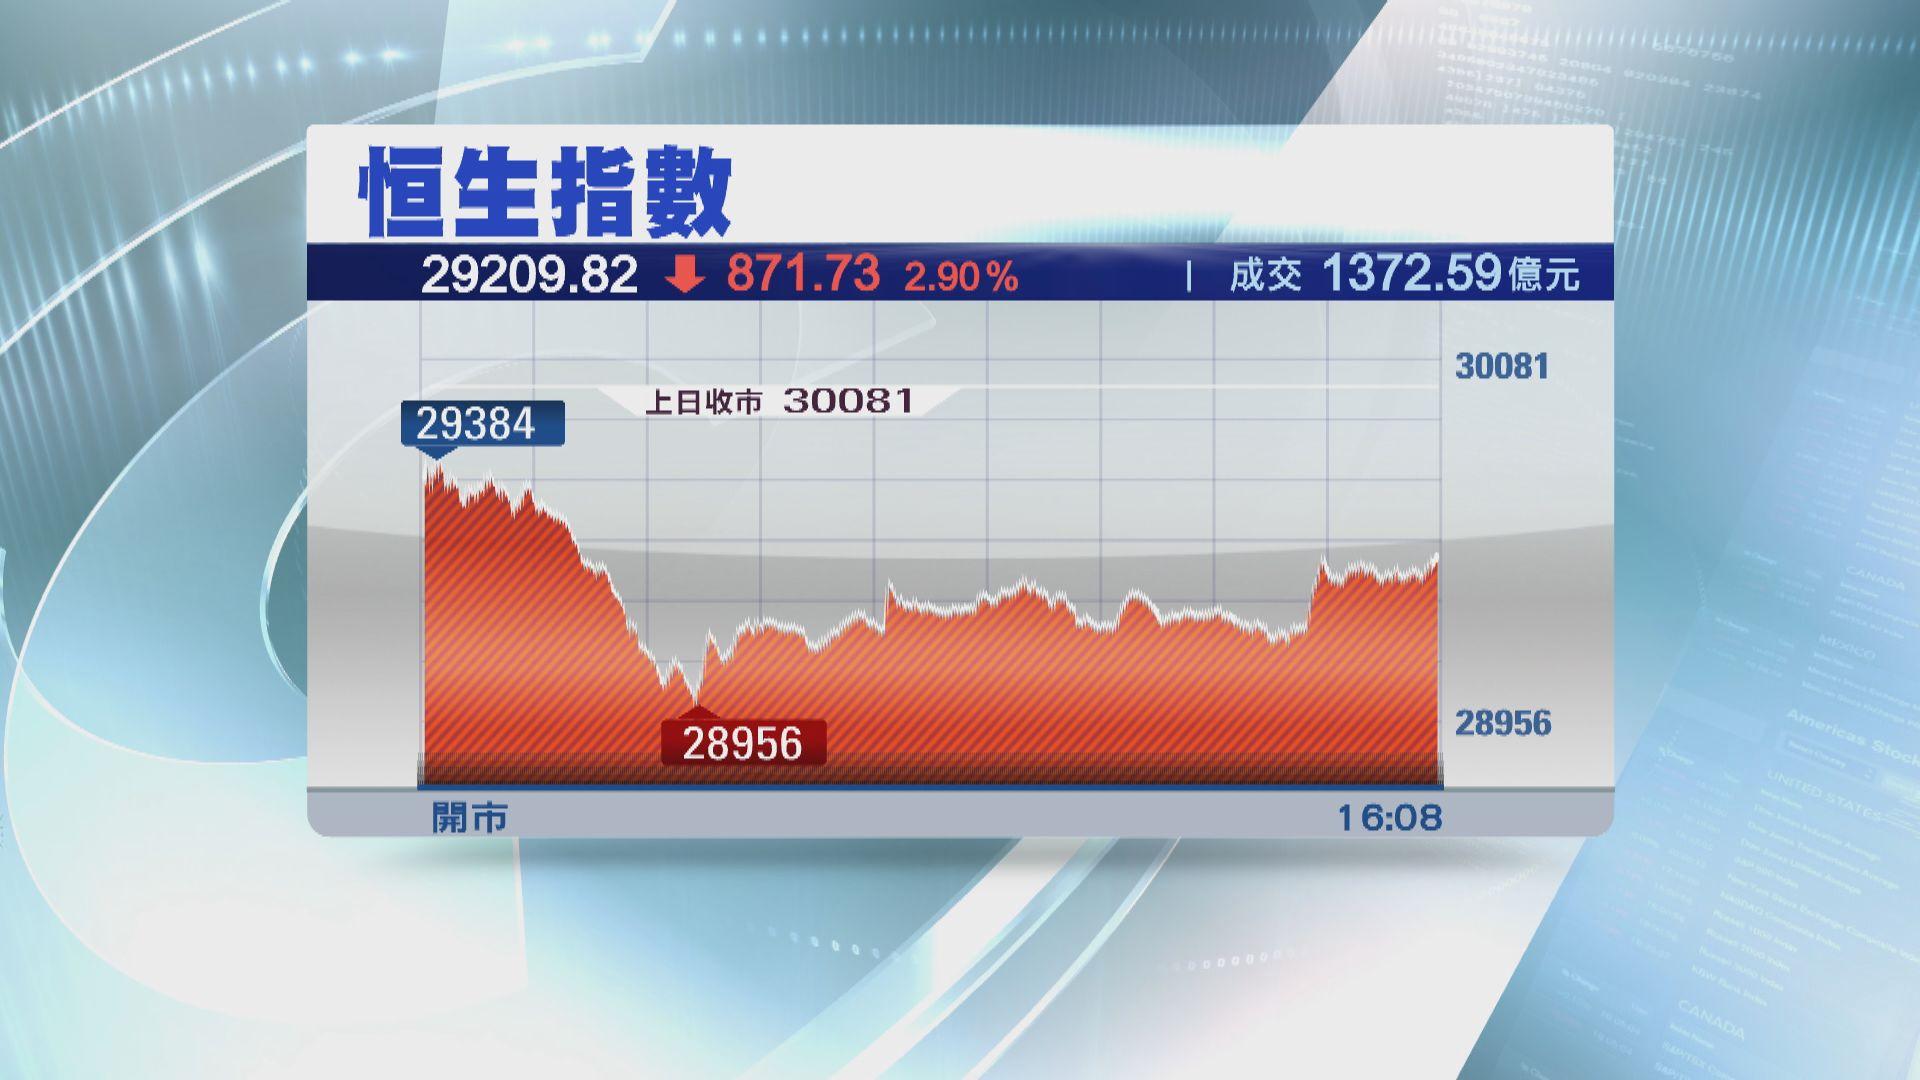 【中美貿戰黑天鵝】恒指插871點 逾半年最大單日跌幅